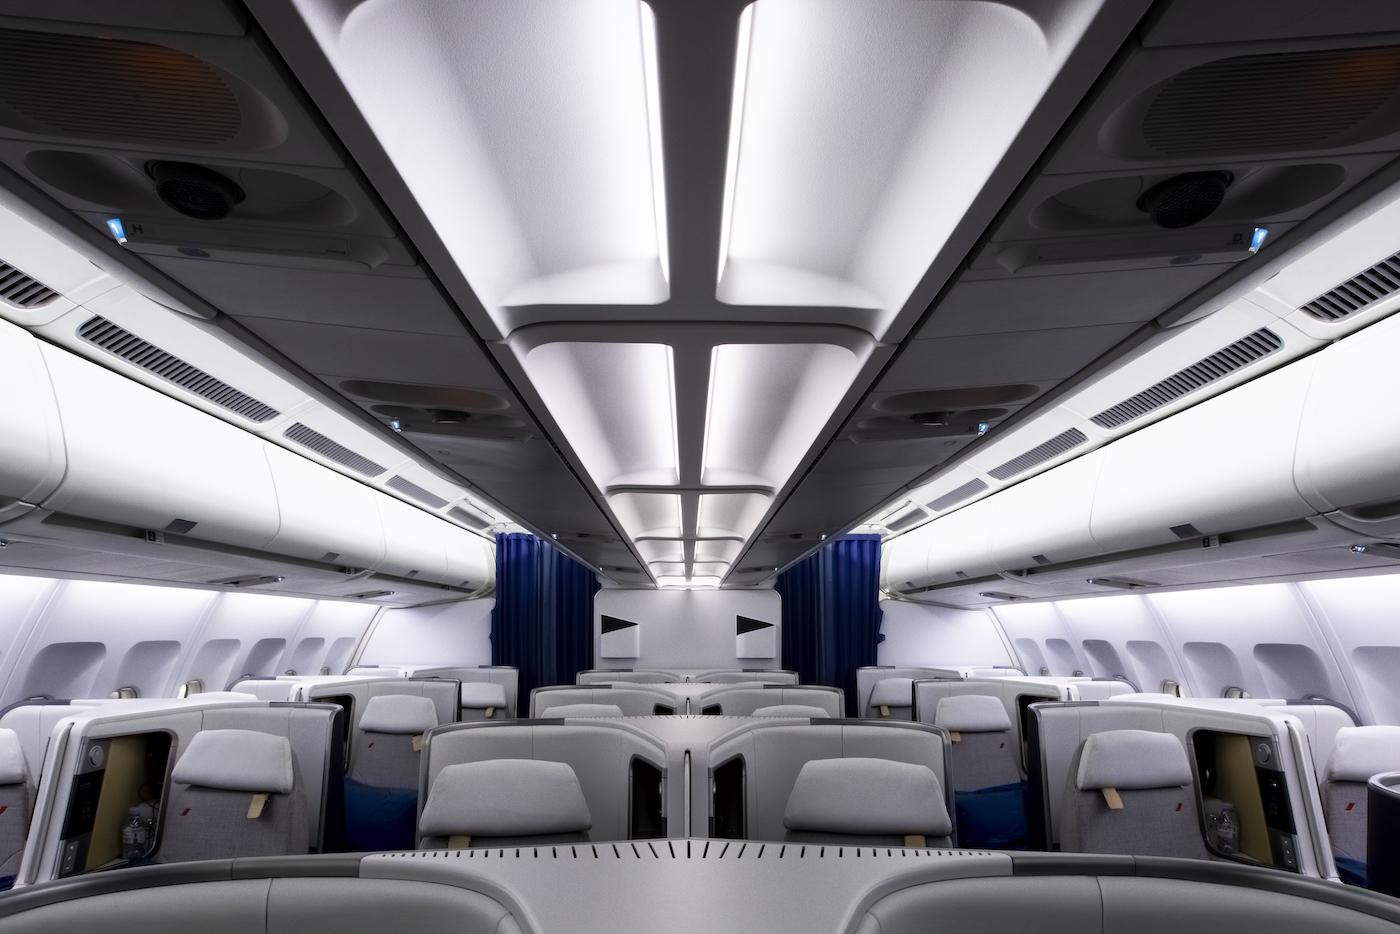 Air France präsentiert die neue Business Klasse im Airbus A330 3